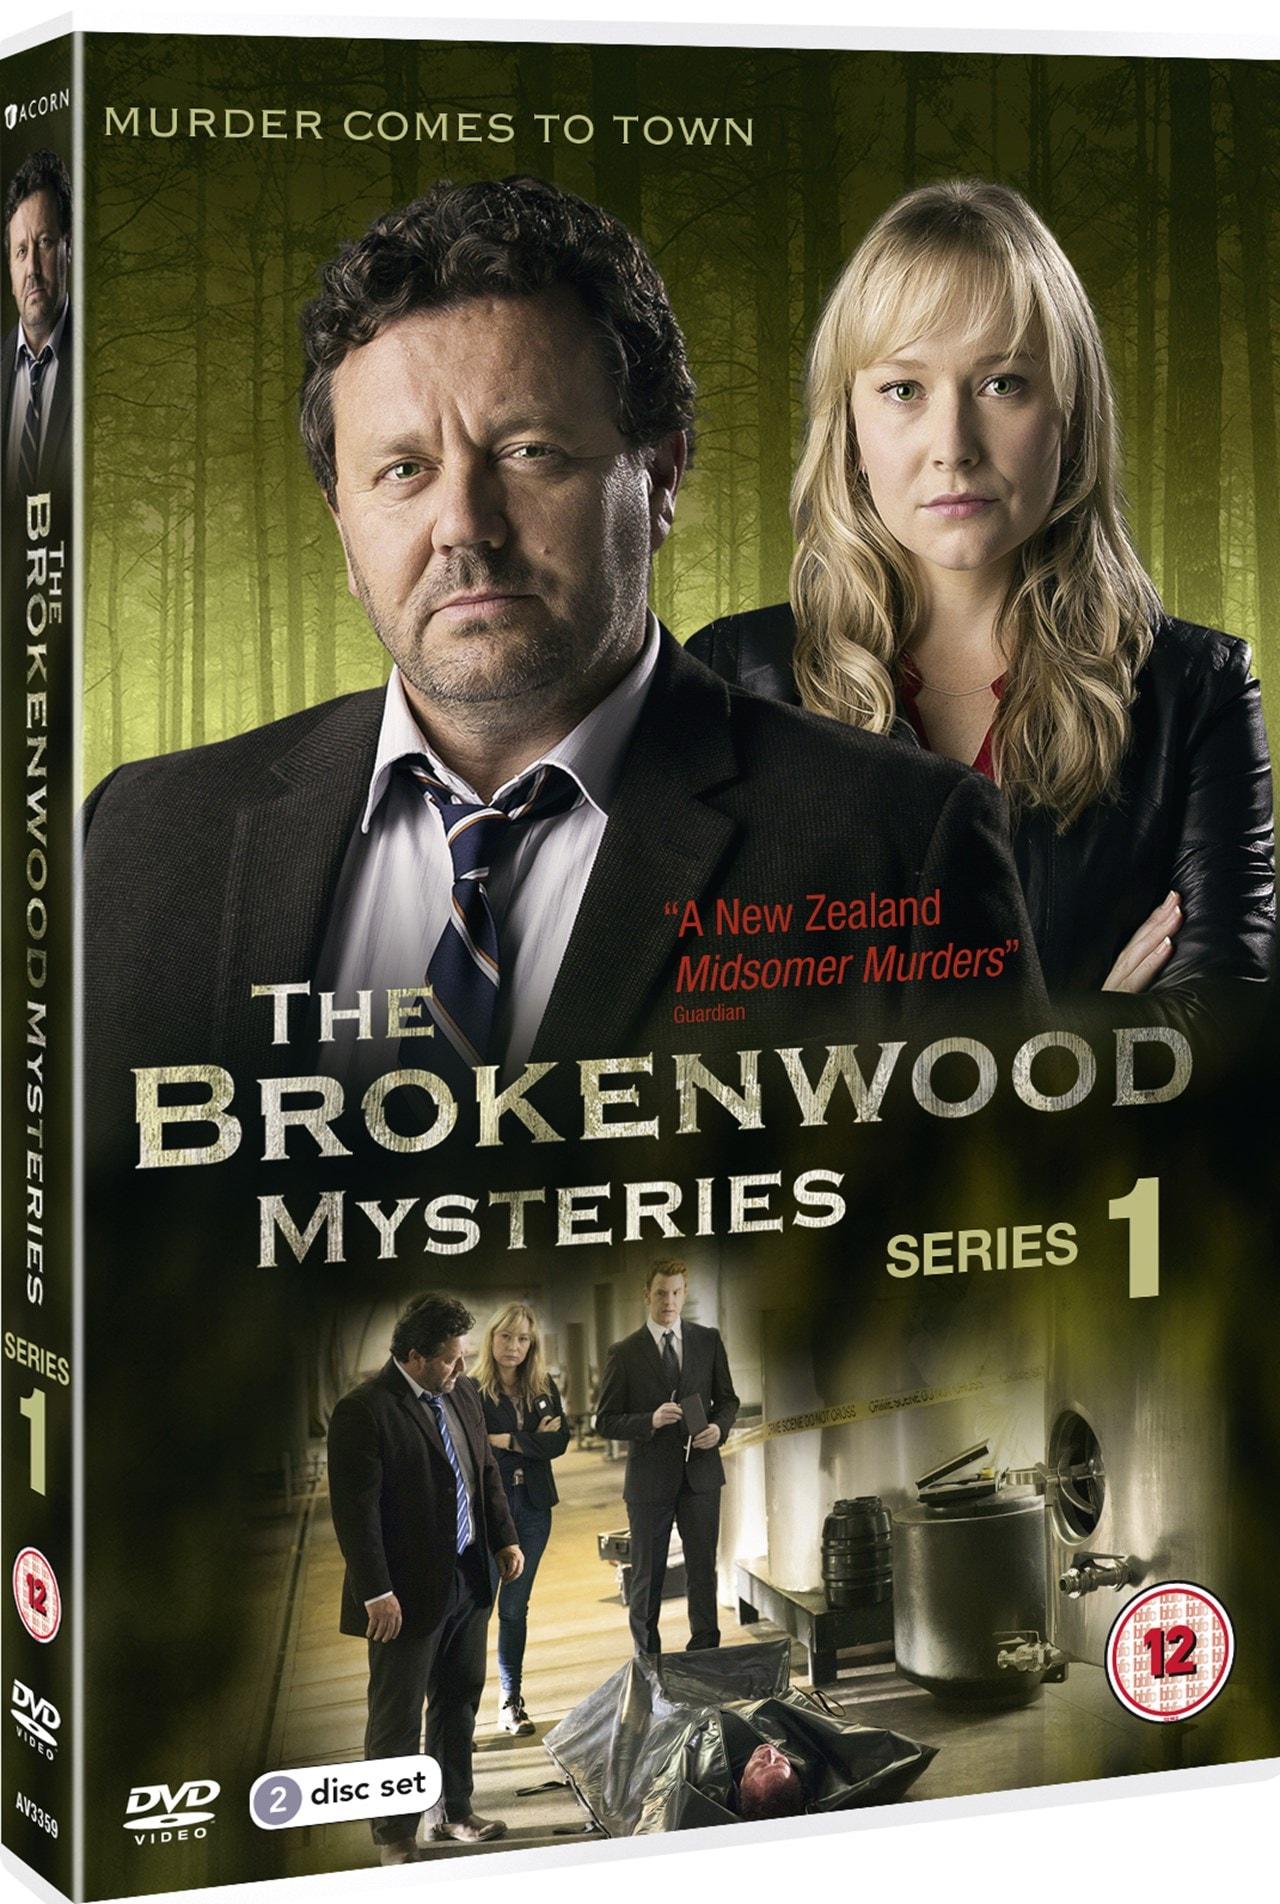 The Brokenwood Mysteries: Series 1 - 2